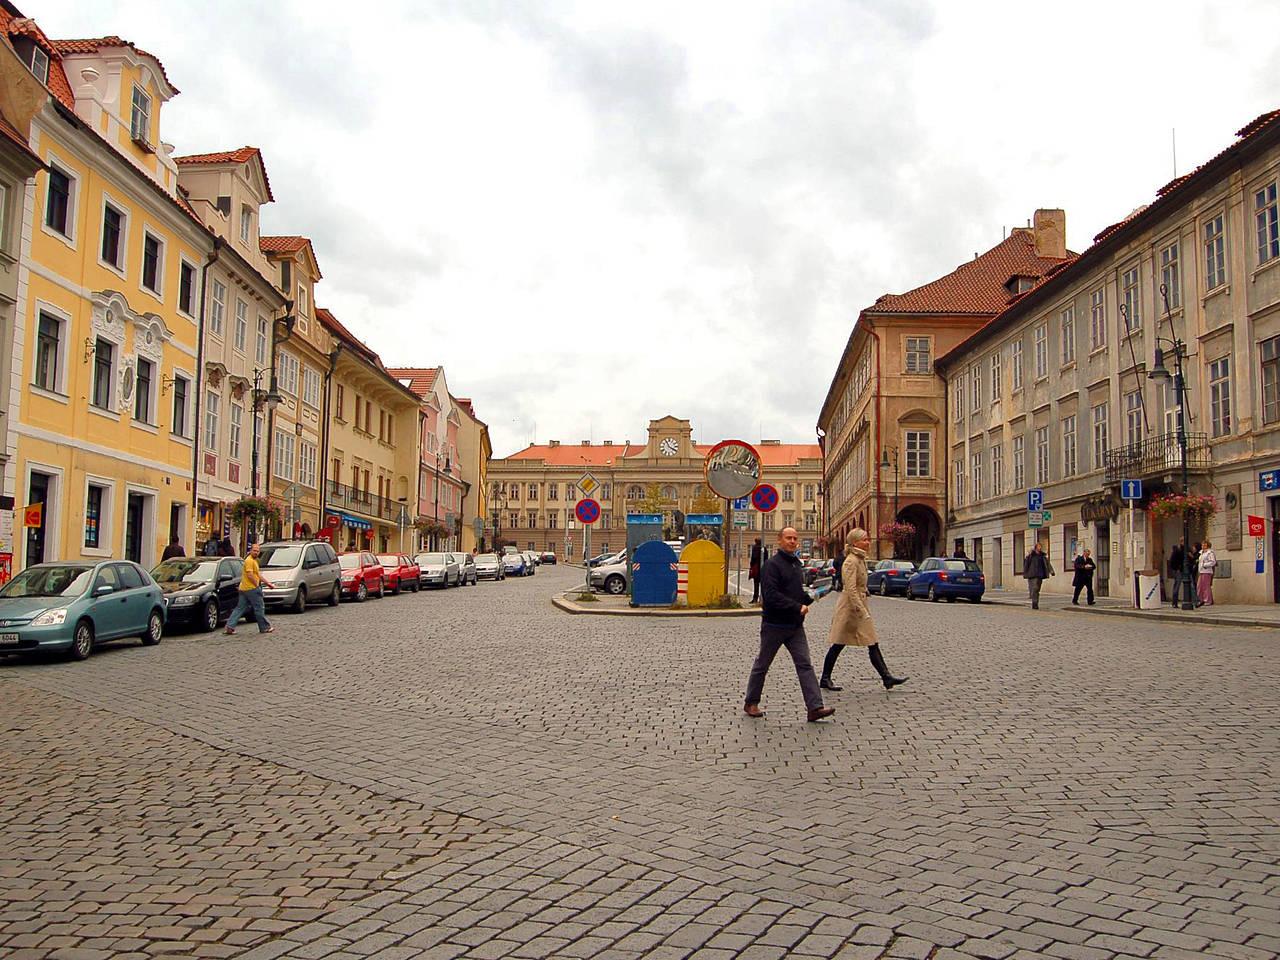 Bildergebnis für Prag uvoz